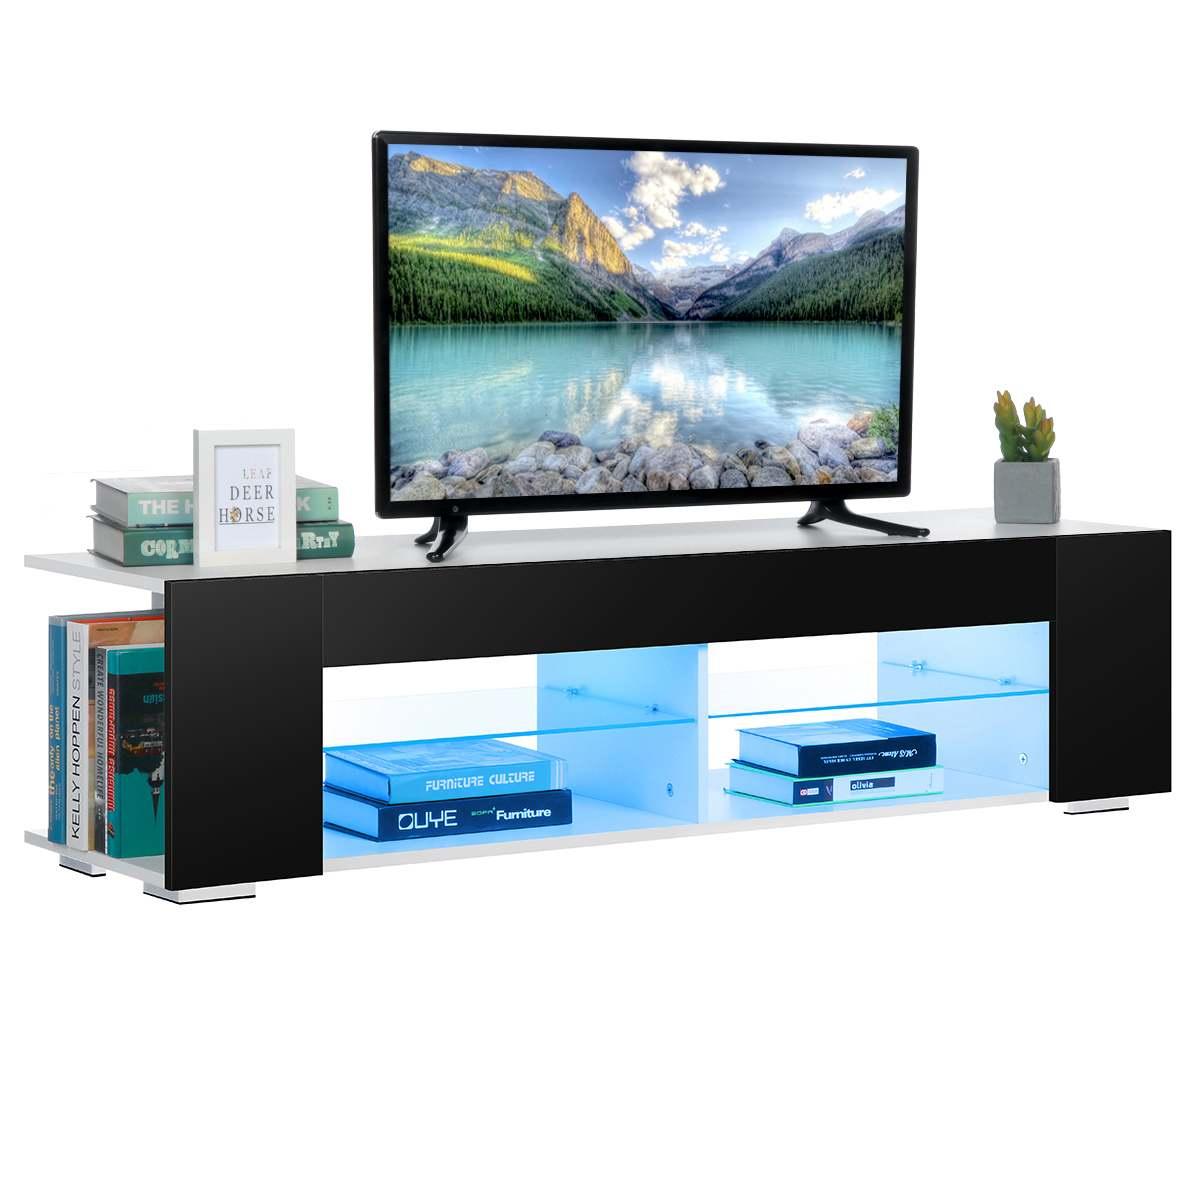 الحديثة RGB LED TV تقف مع 2 الجانب مجلس الوزراء التخزين المنظم غرفة المعيشة الأثاث عالية قدرة الجداول التلفزيون وحدة التلفزيون قوس